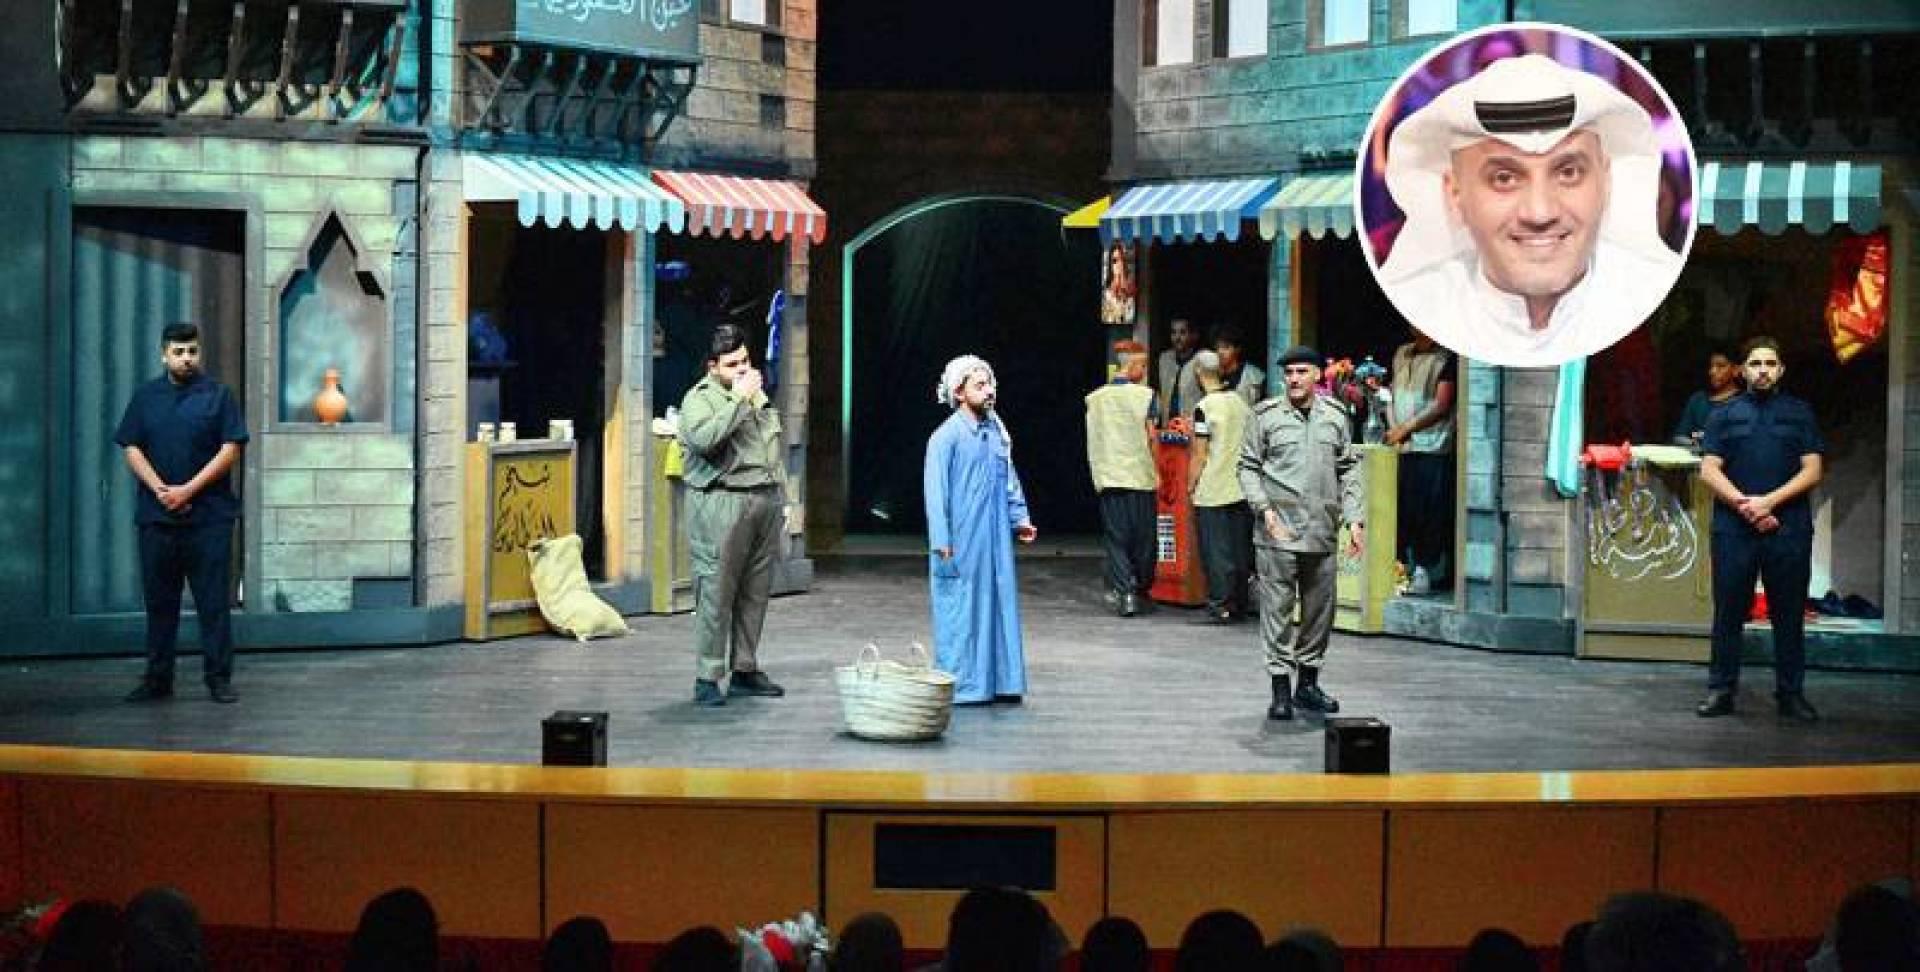 البريكي في مشهد من مسرحية «عودة ريا وسكينة» وفي الإطار خالد البريكي